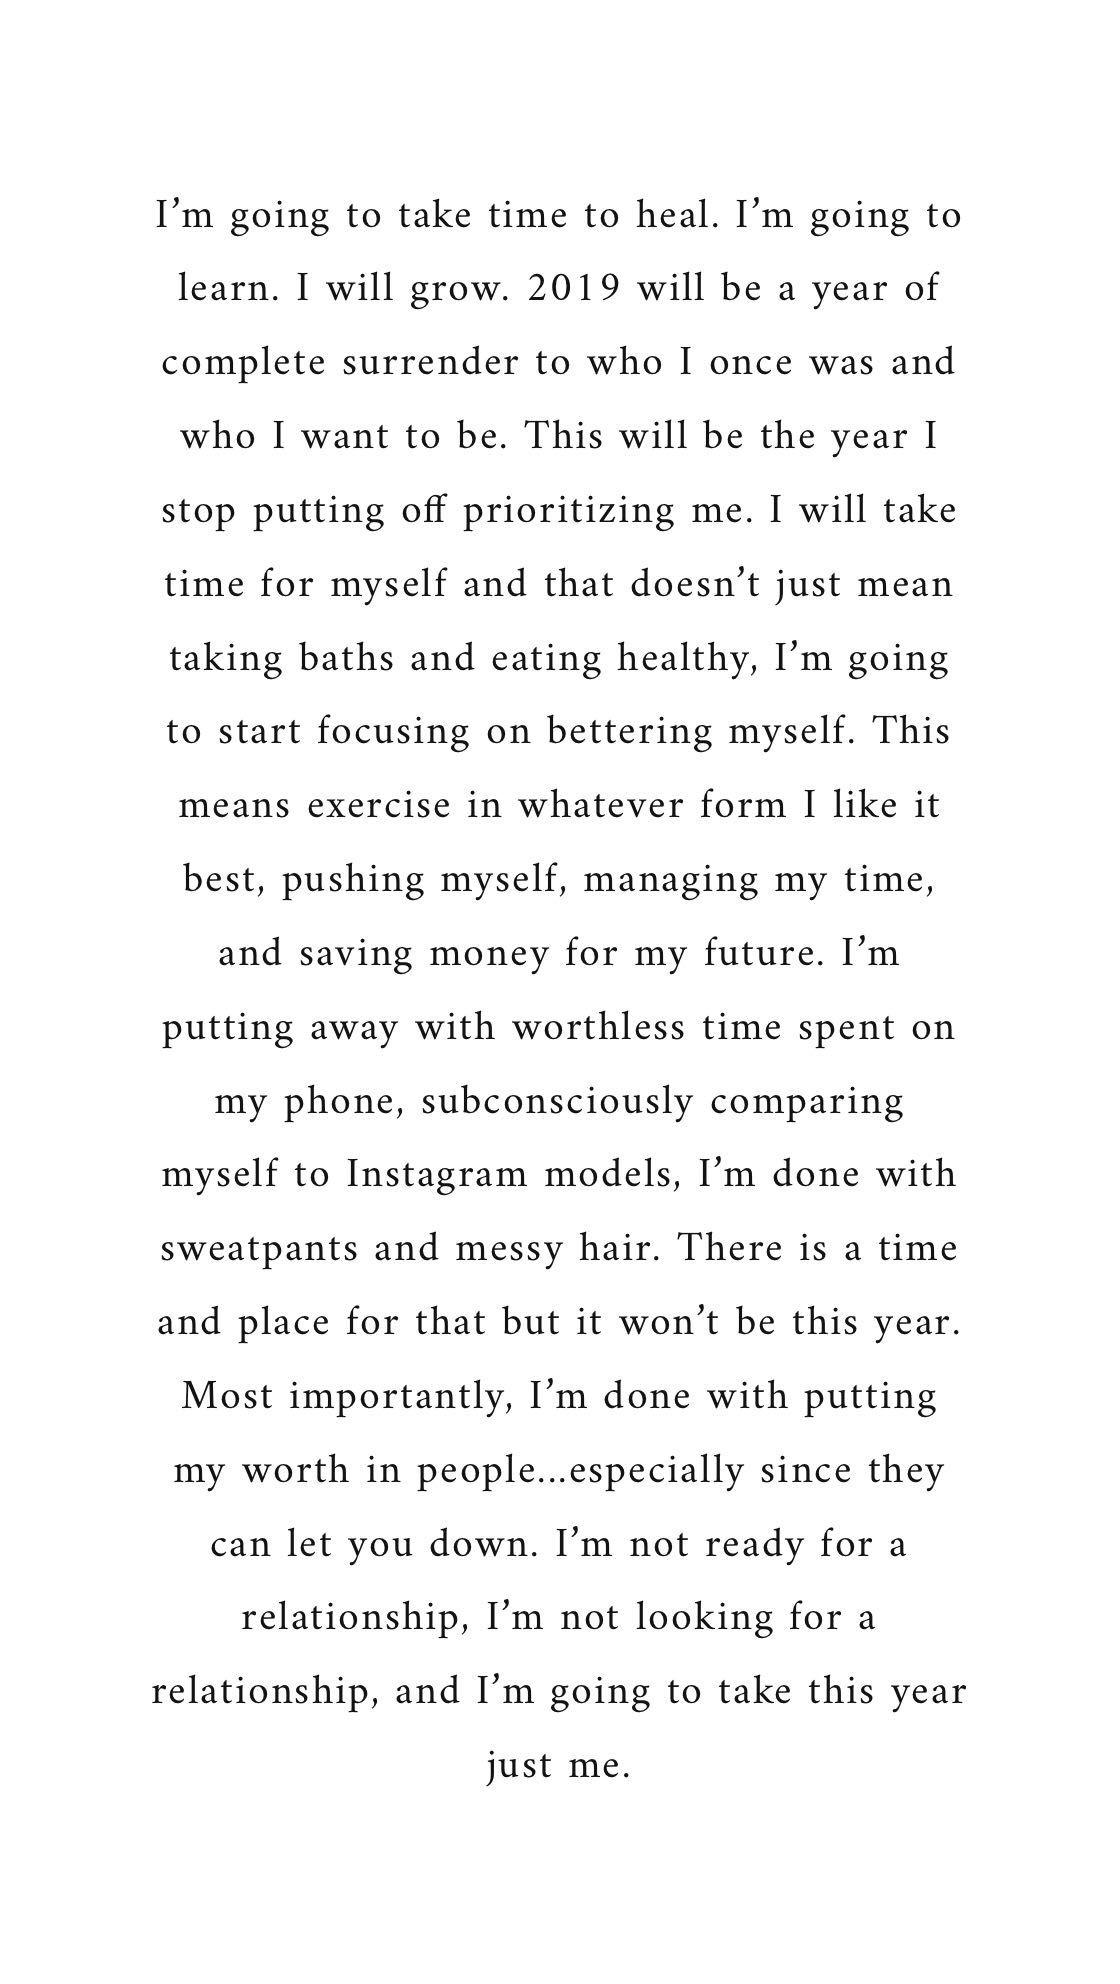 Voy A Tomar Tiempo Para Curarme Voy A Aprender Voy A Crecer 2019